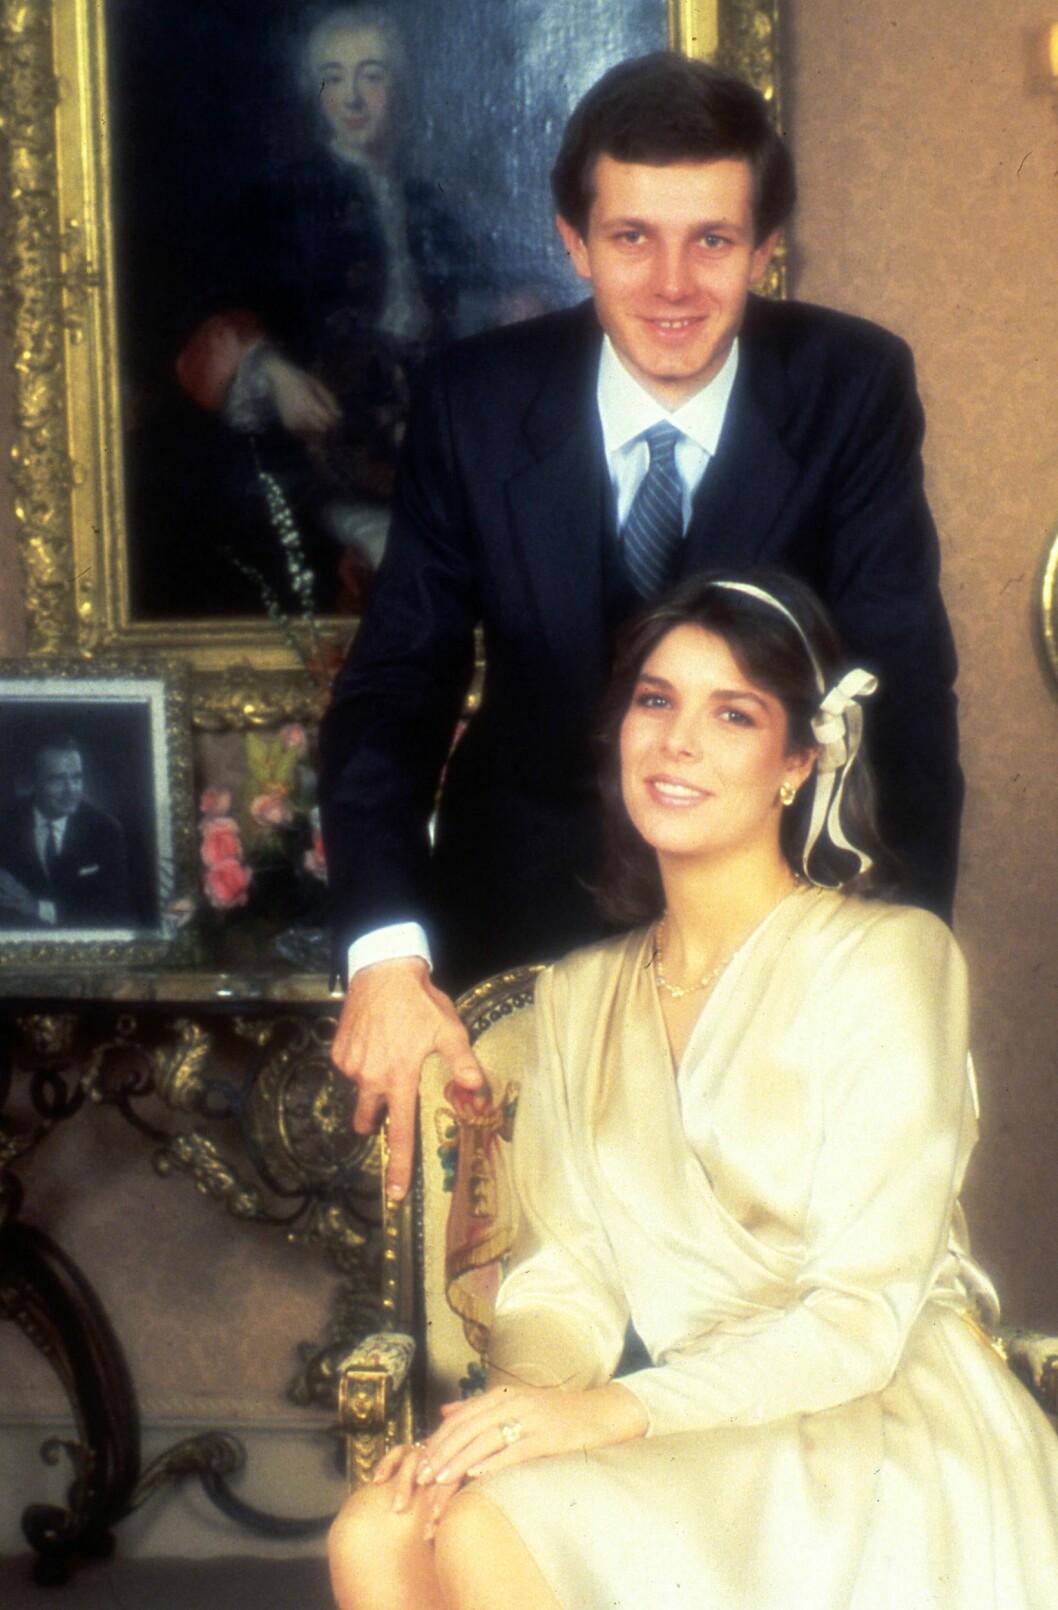 <strong>EKTEMANN NUMMER TO:</strong> I 1983 giftet prinsesse Caroline seg med den italienske forretningsmannen Stefano Casiraghi. Dette bildet er tatt i forbindelse med den borgerlige seremonien som ble avholdt 29. desember 1983. Foto: NTB Scanpix